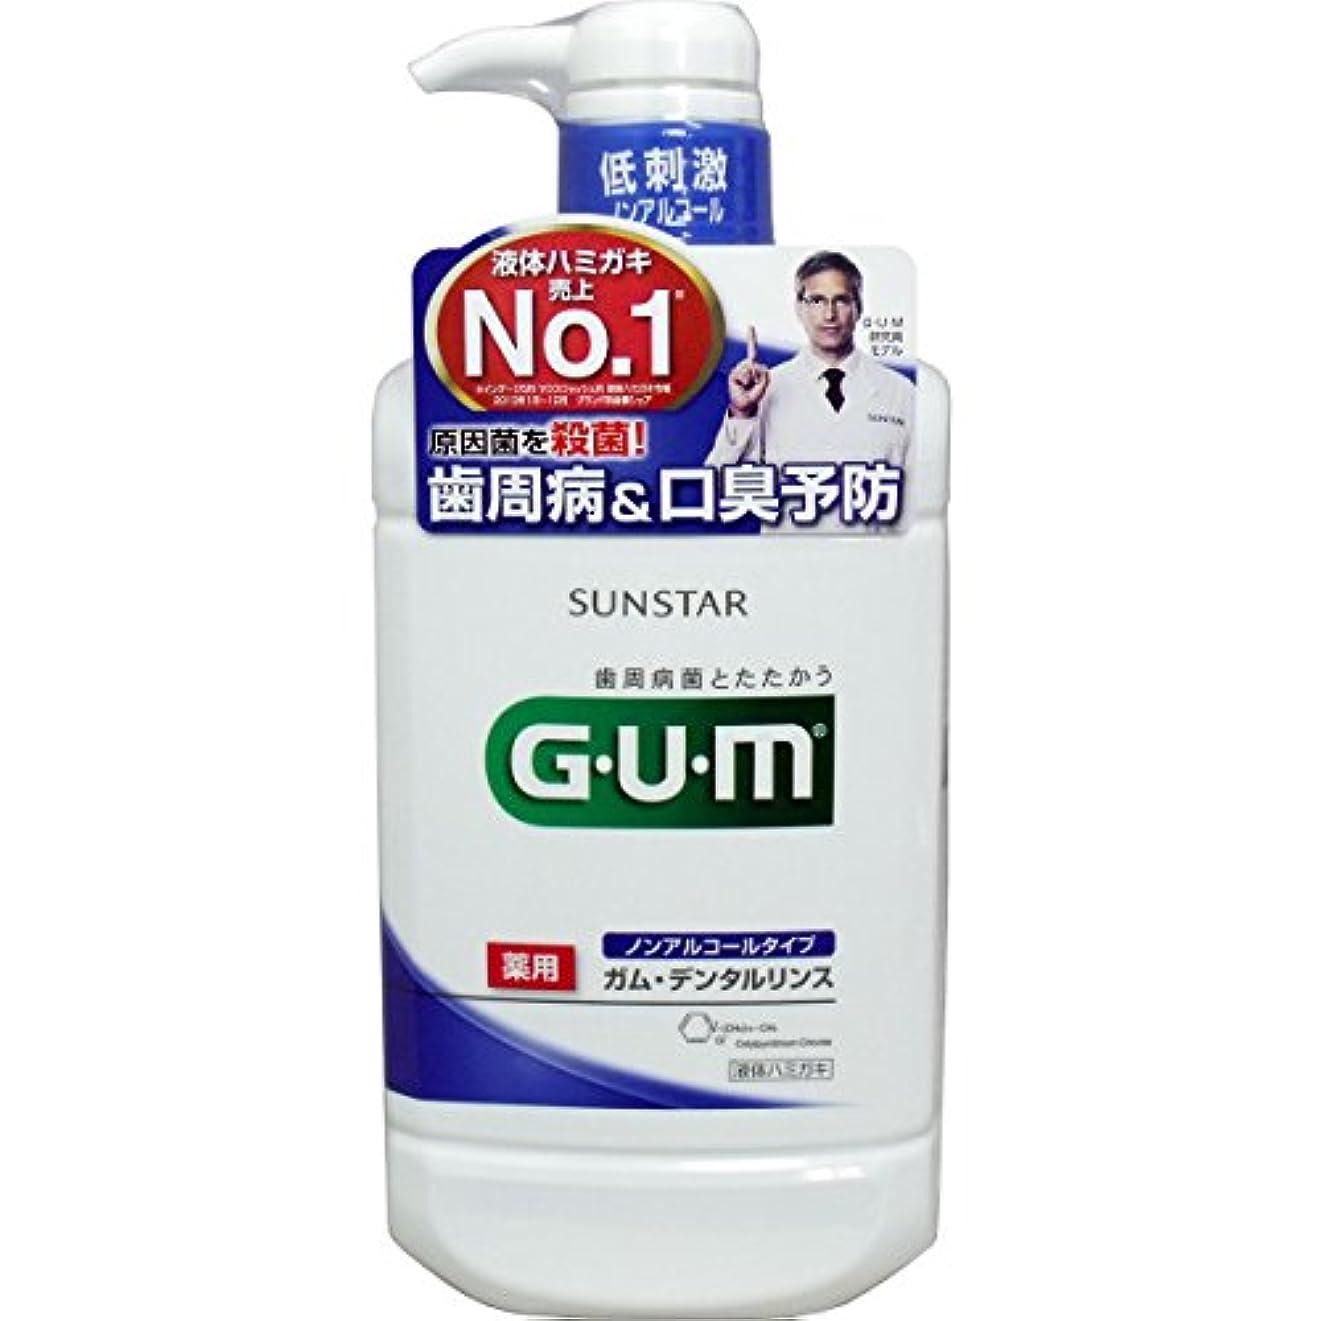 演じる包帯拡大する【まとめ買い】GUM(ガム)?デンタルリンス (ノンアルコールタイプ) 960mL (医薬部外品)×5個